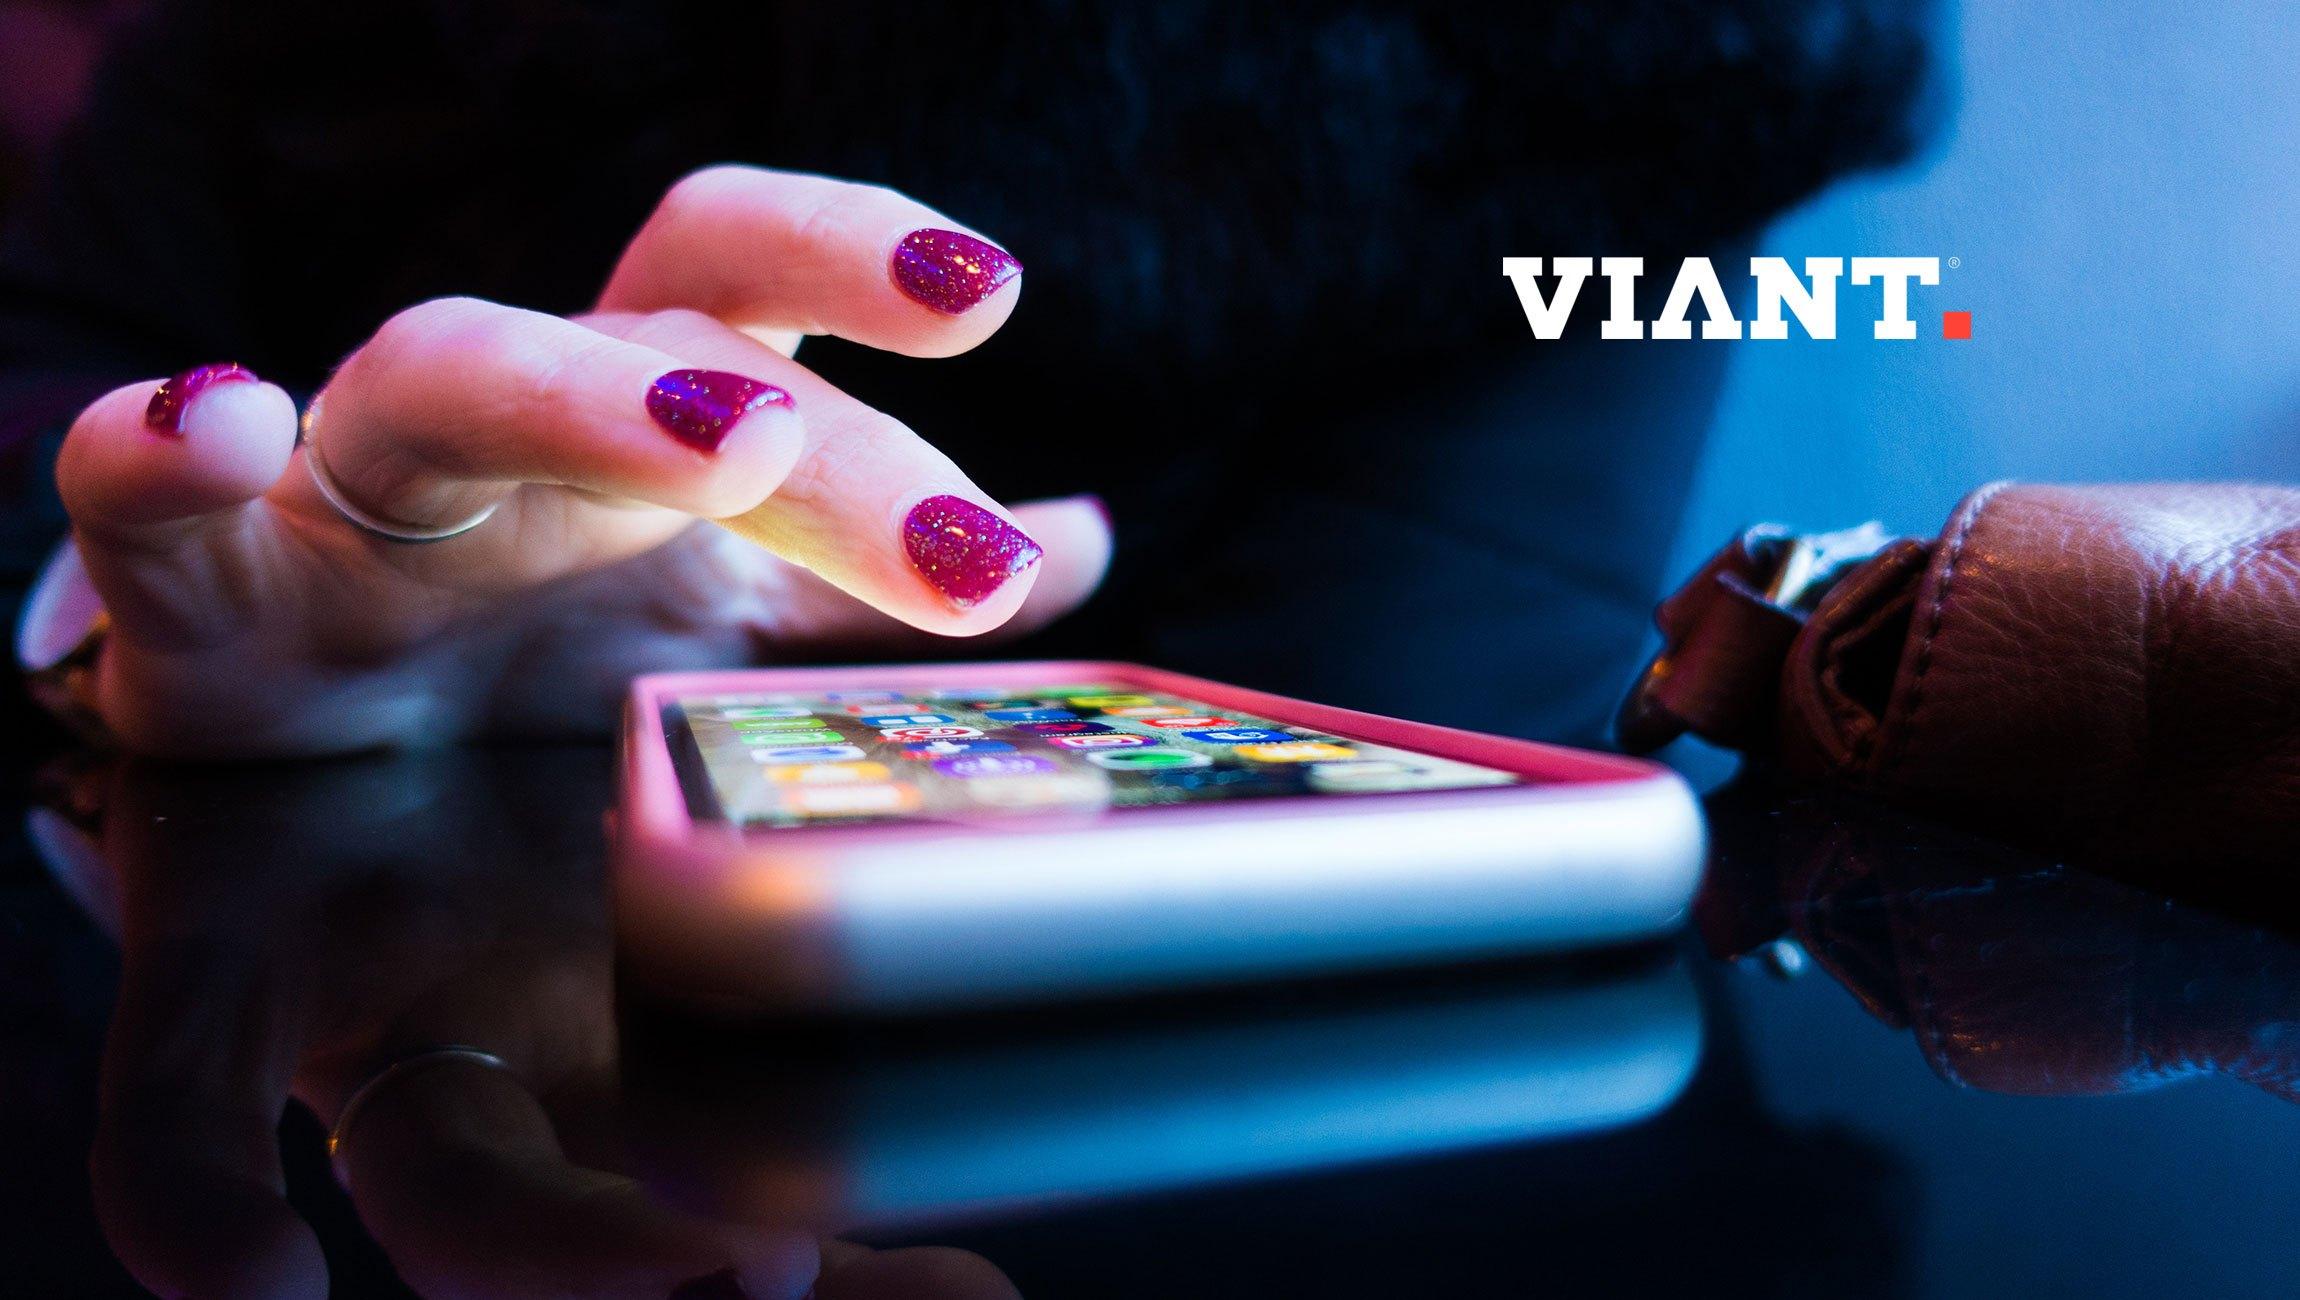 Viant